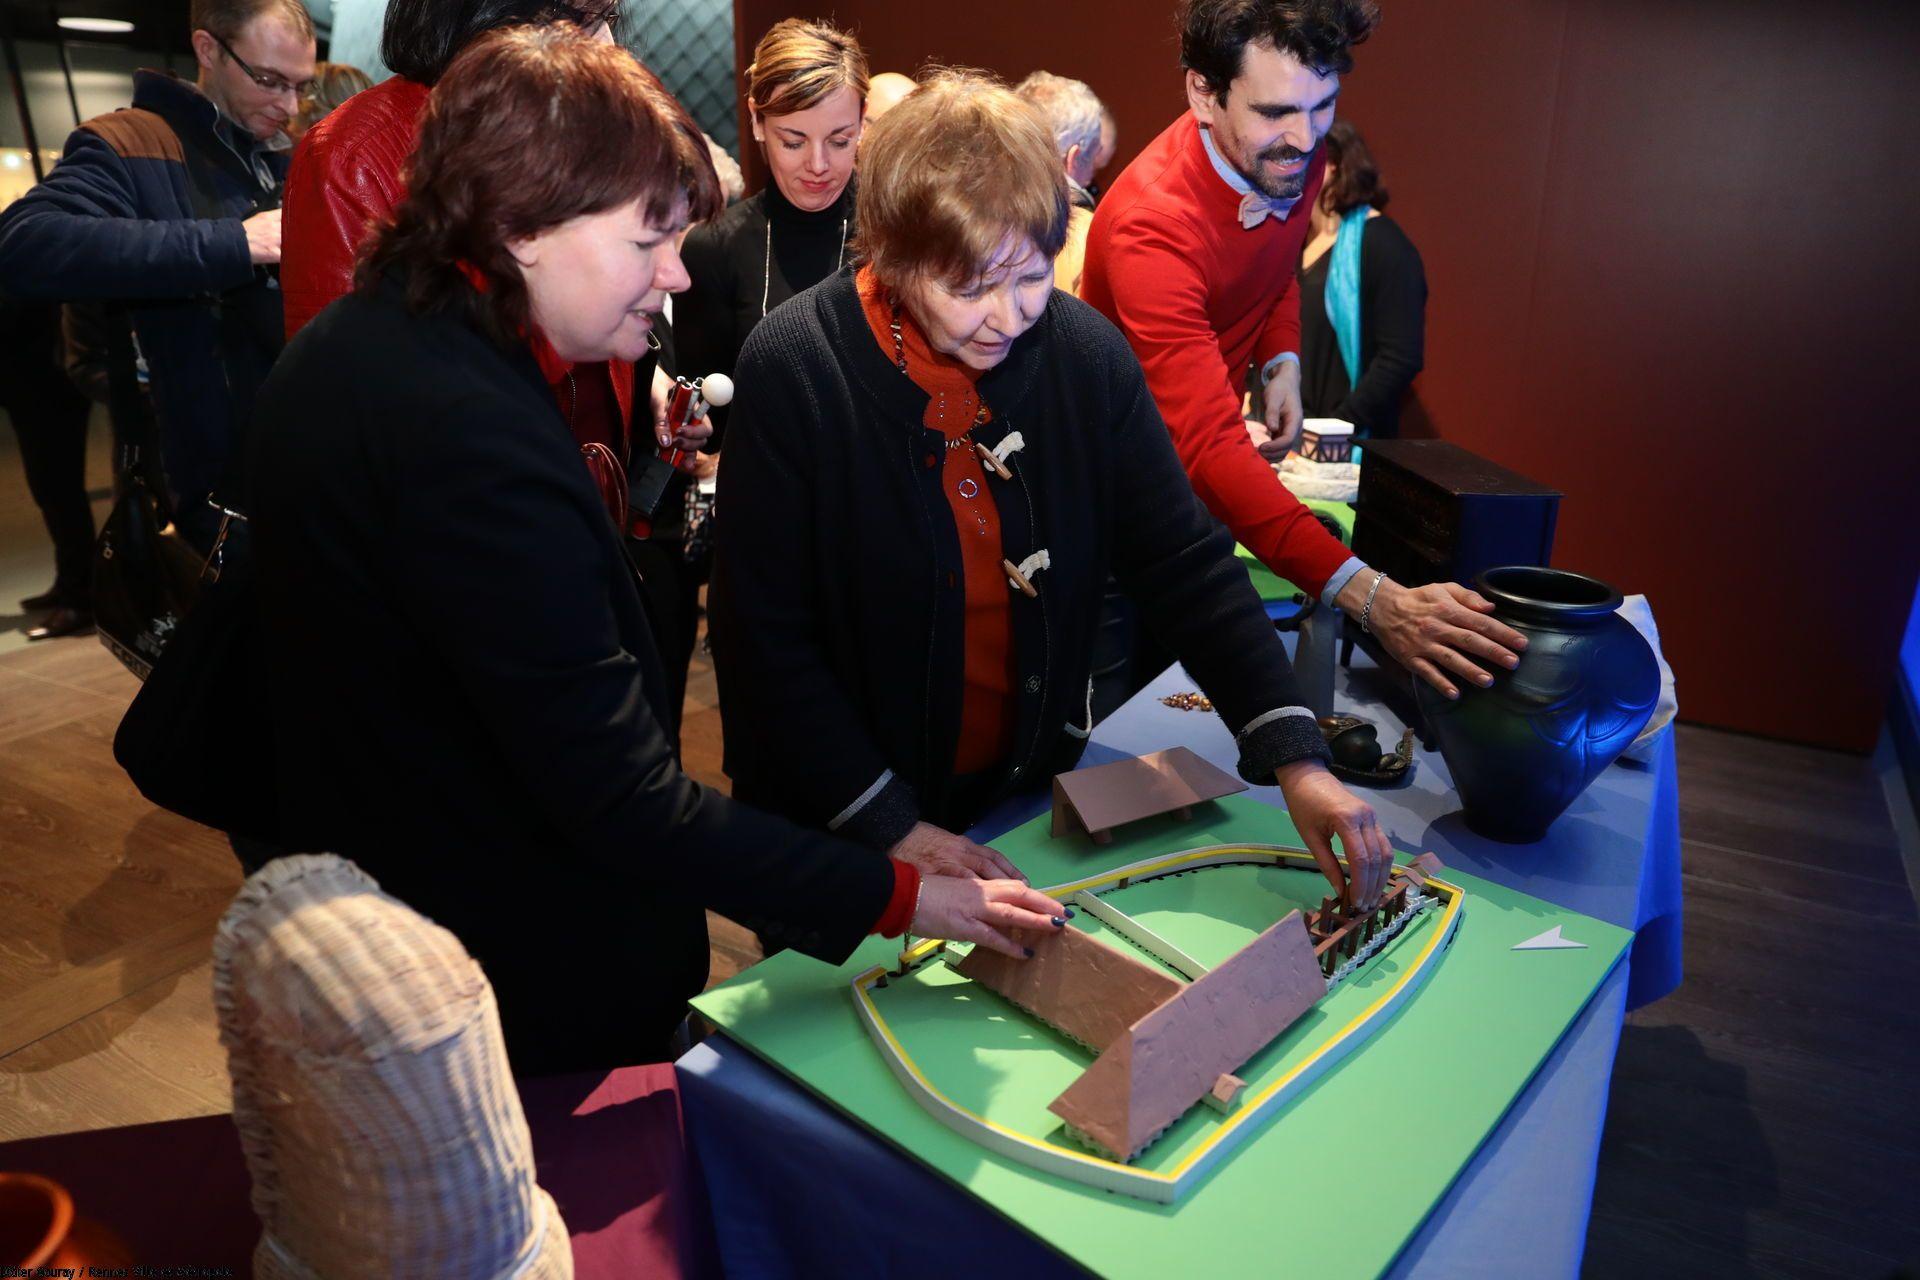 légende photo : visite tactile au musée de Bretagne